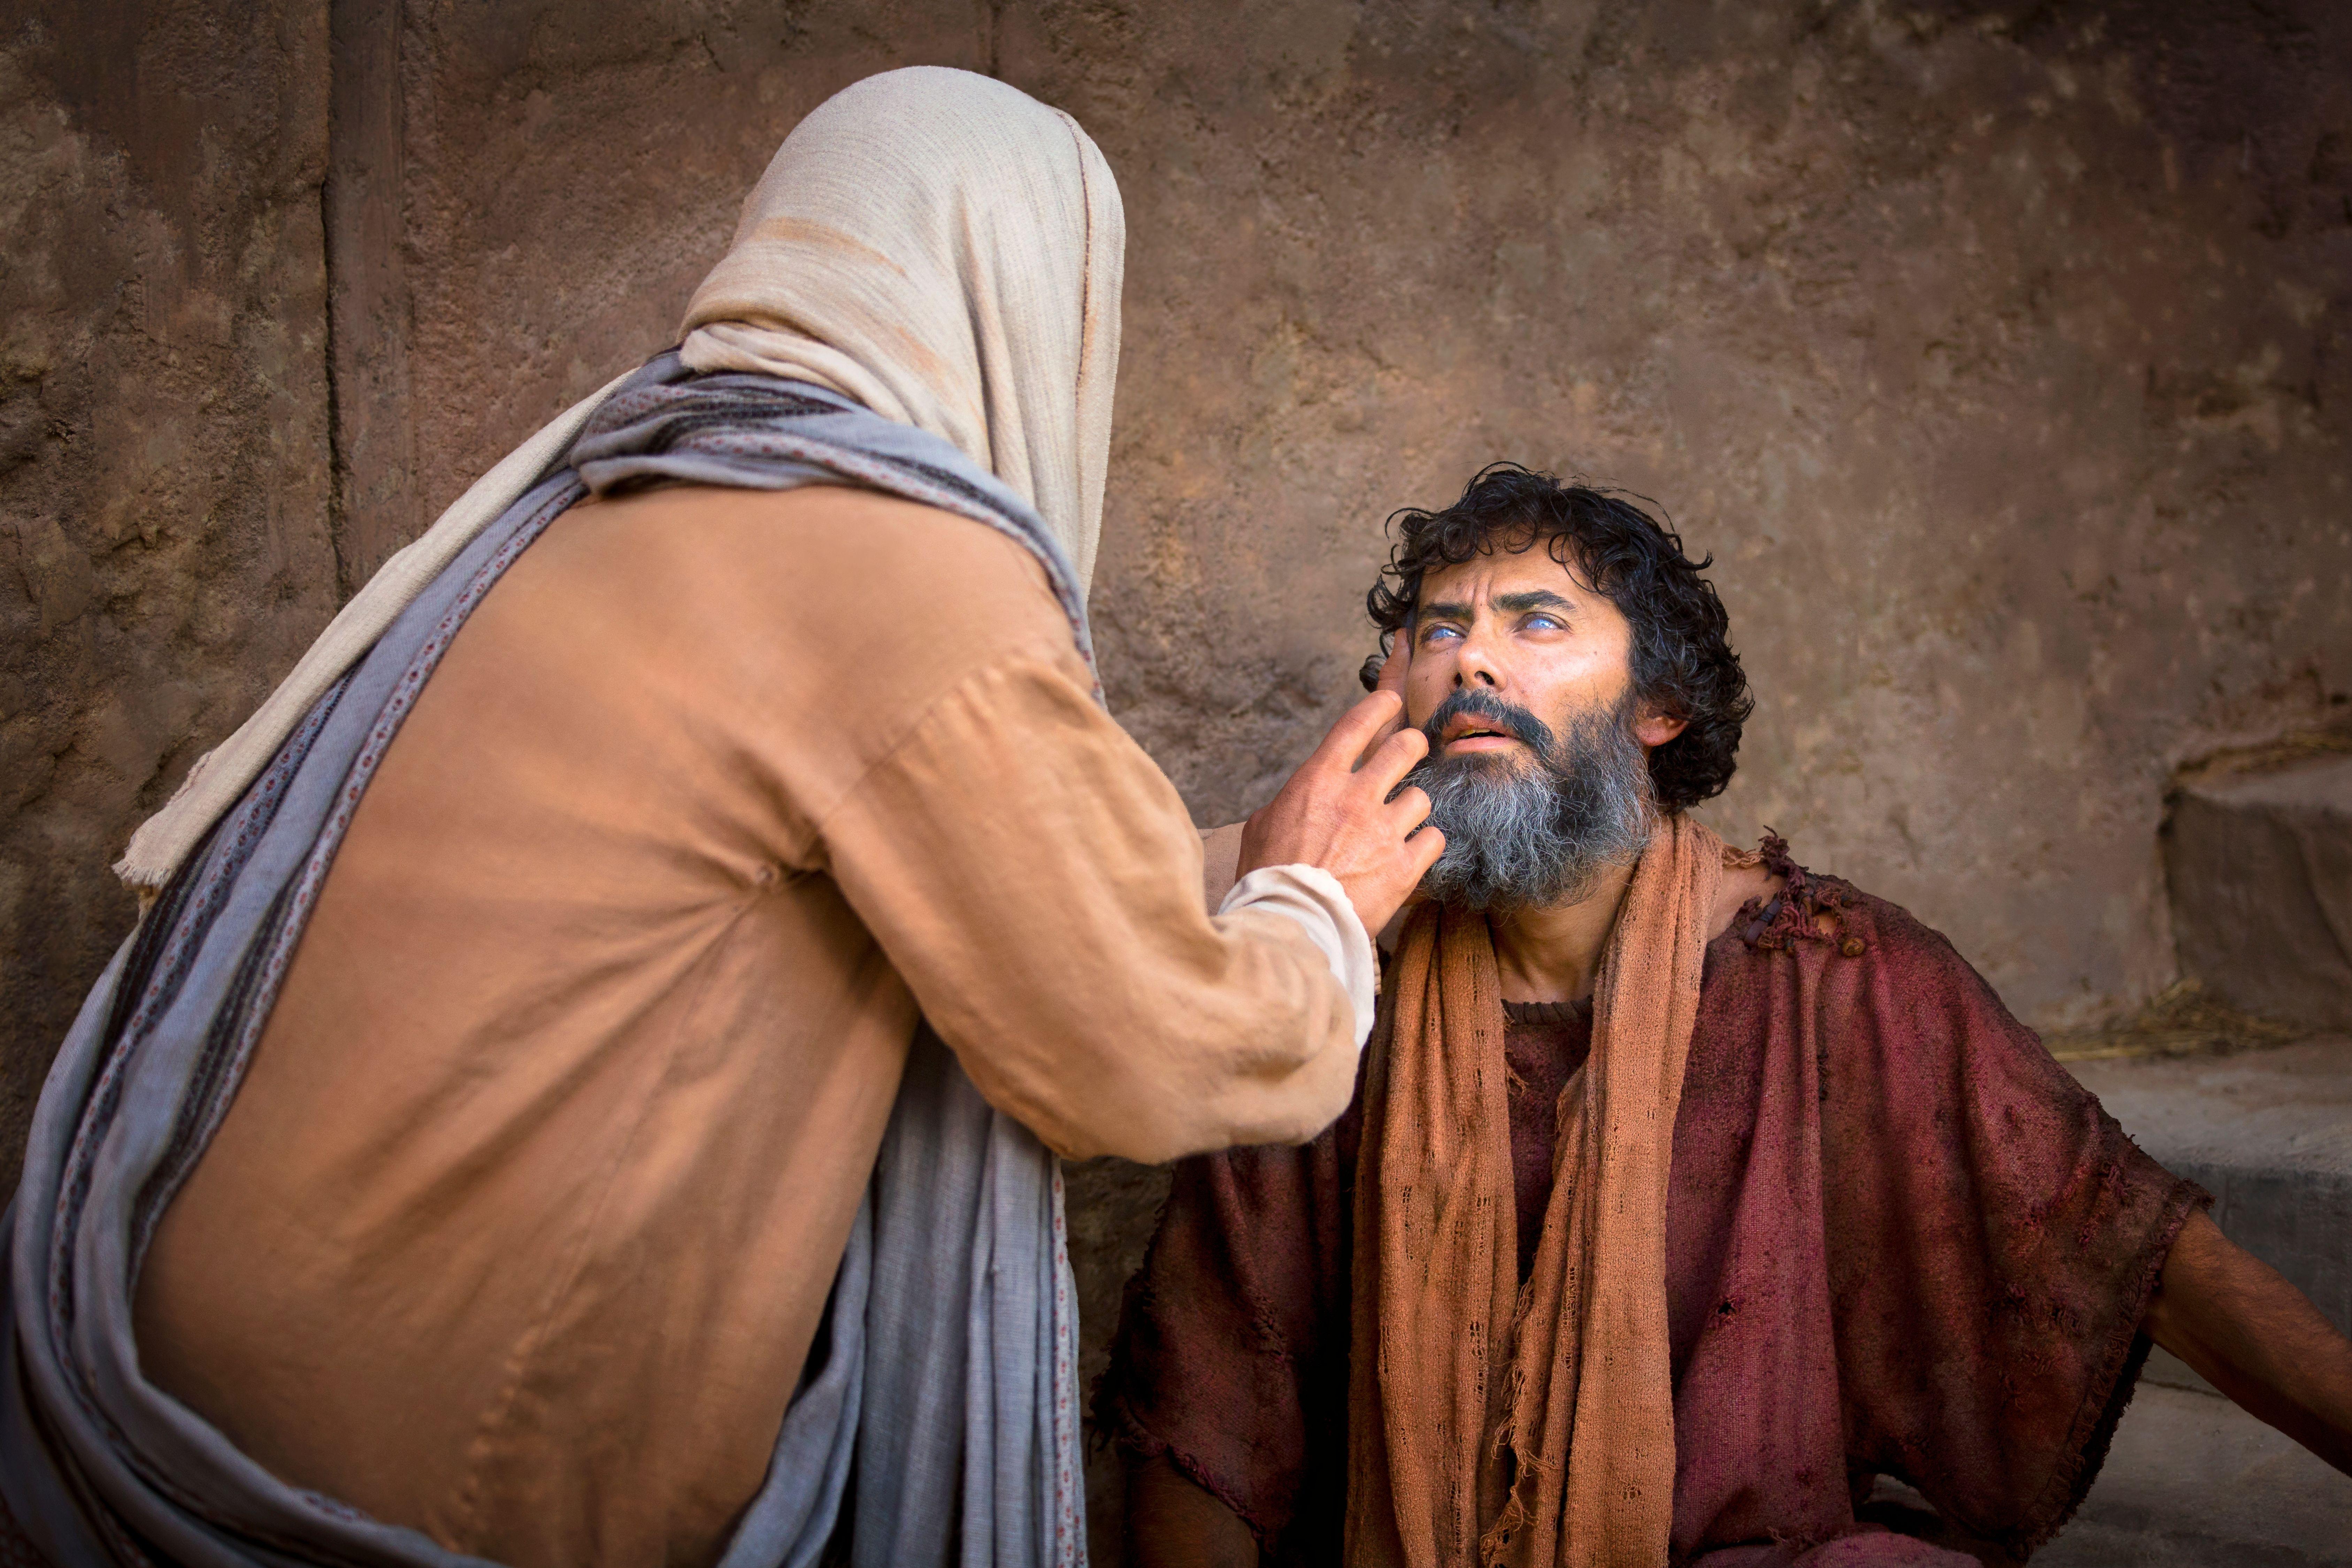 Christ healing a blind man.